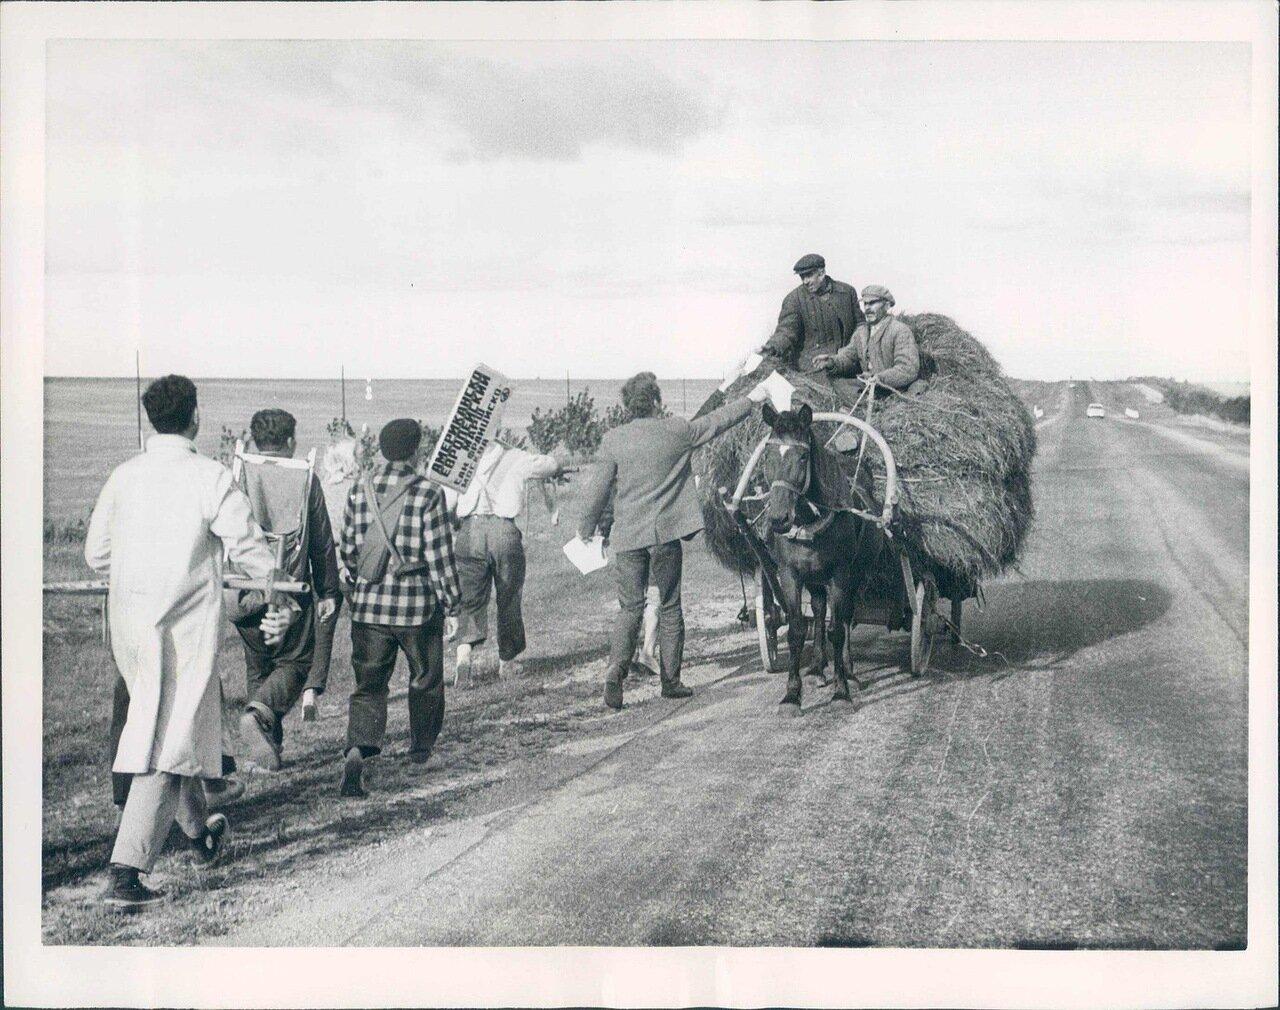 1961.10.03. Марш Мир среди русских крестьян